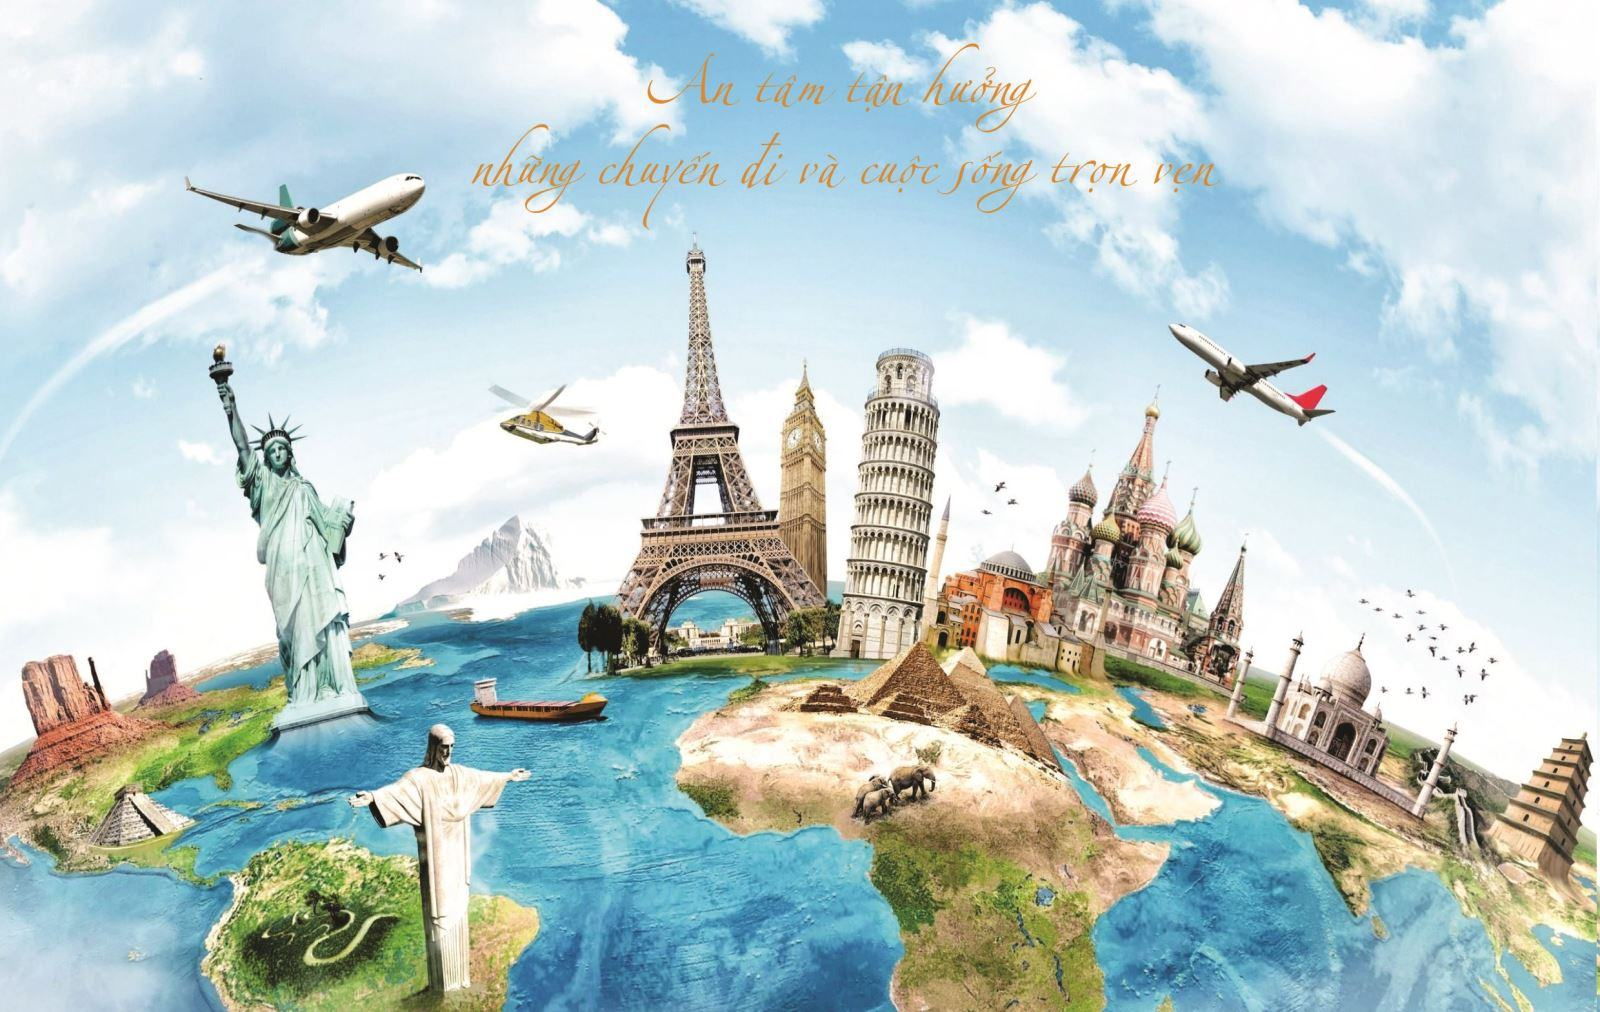 Chia sẻ kinh nghiệm mua bảo hiểm du lịch ở đâu, hãng nào tốt?